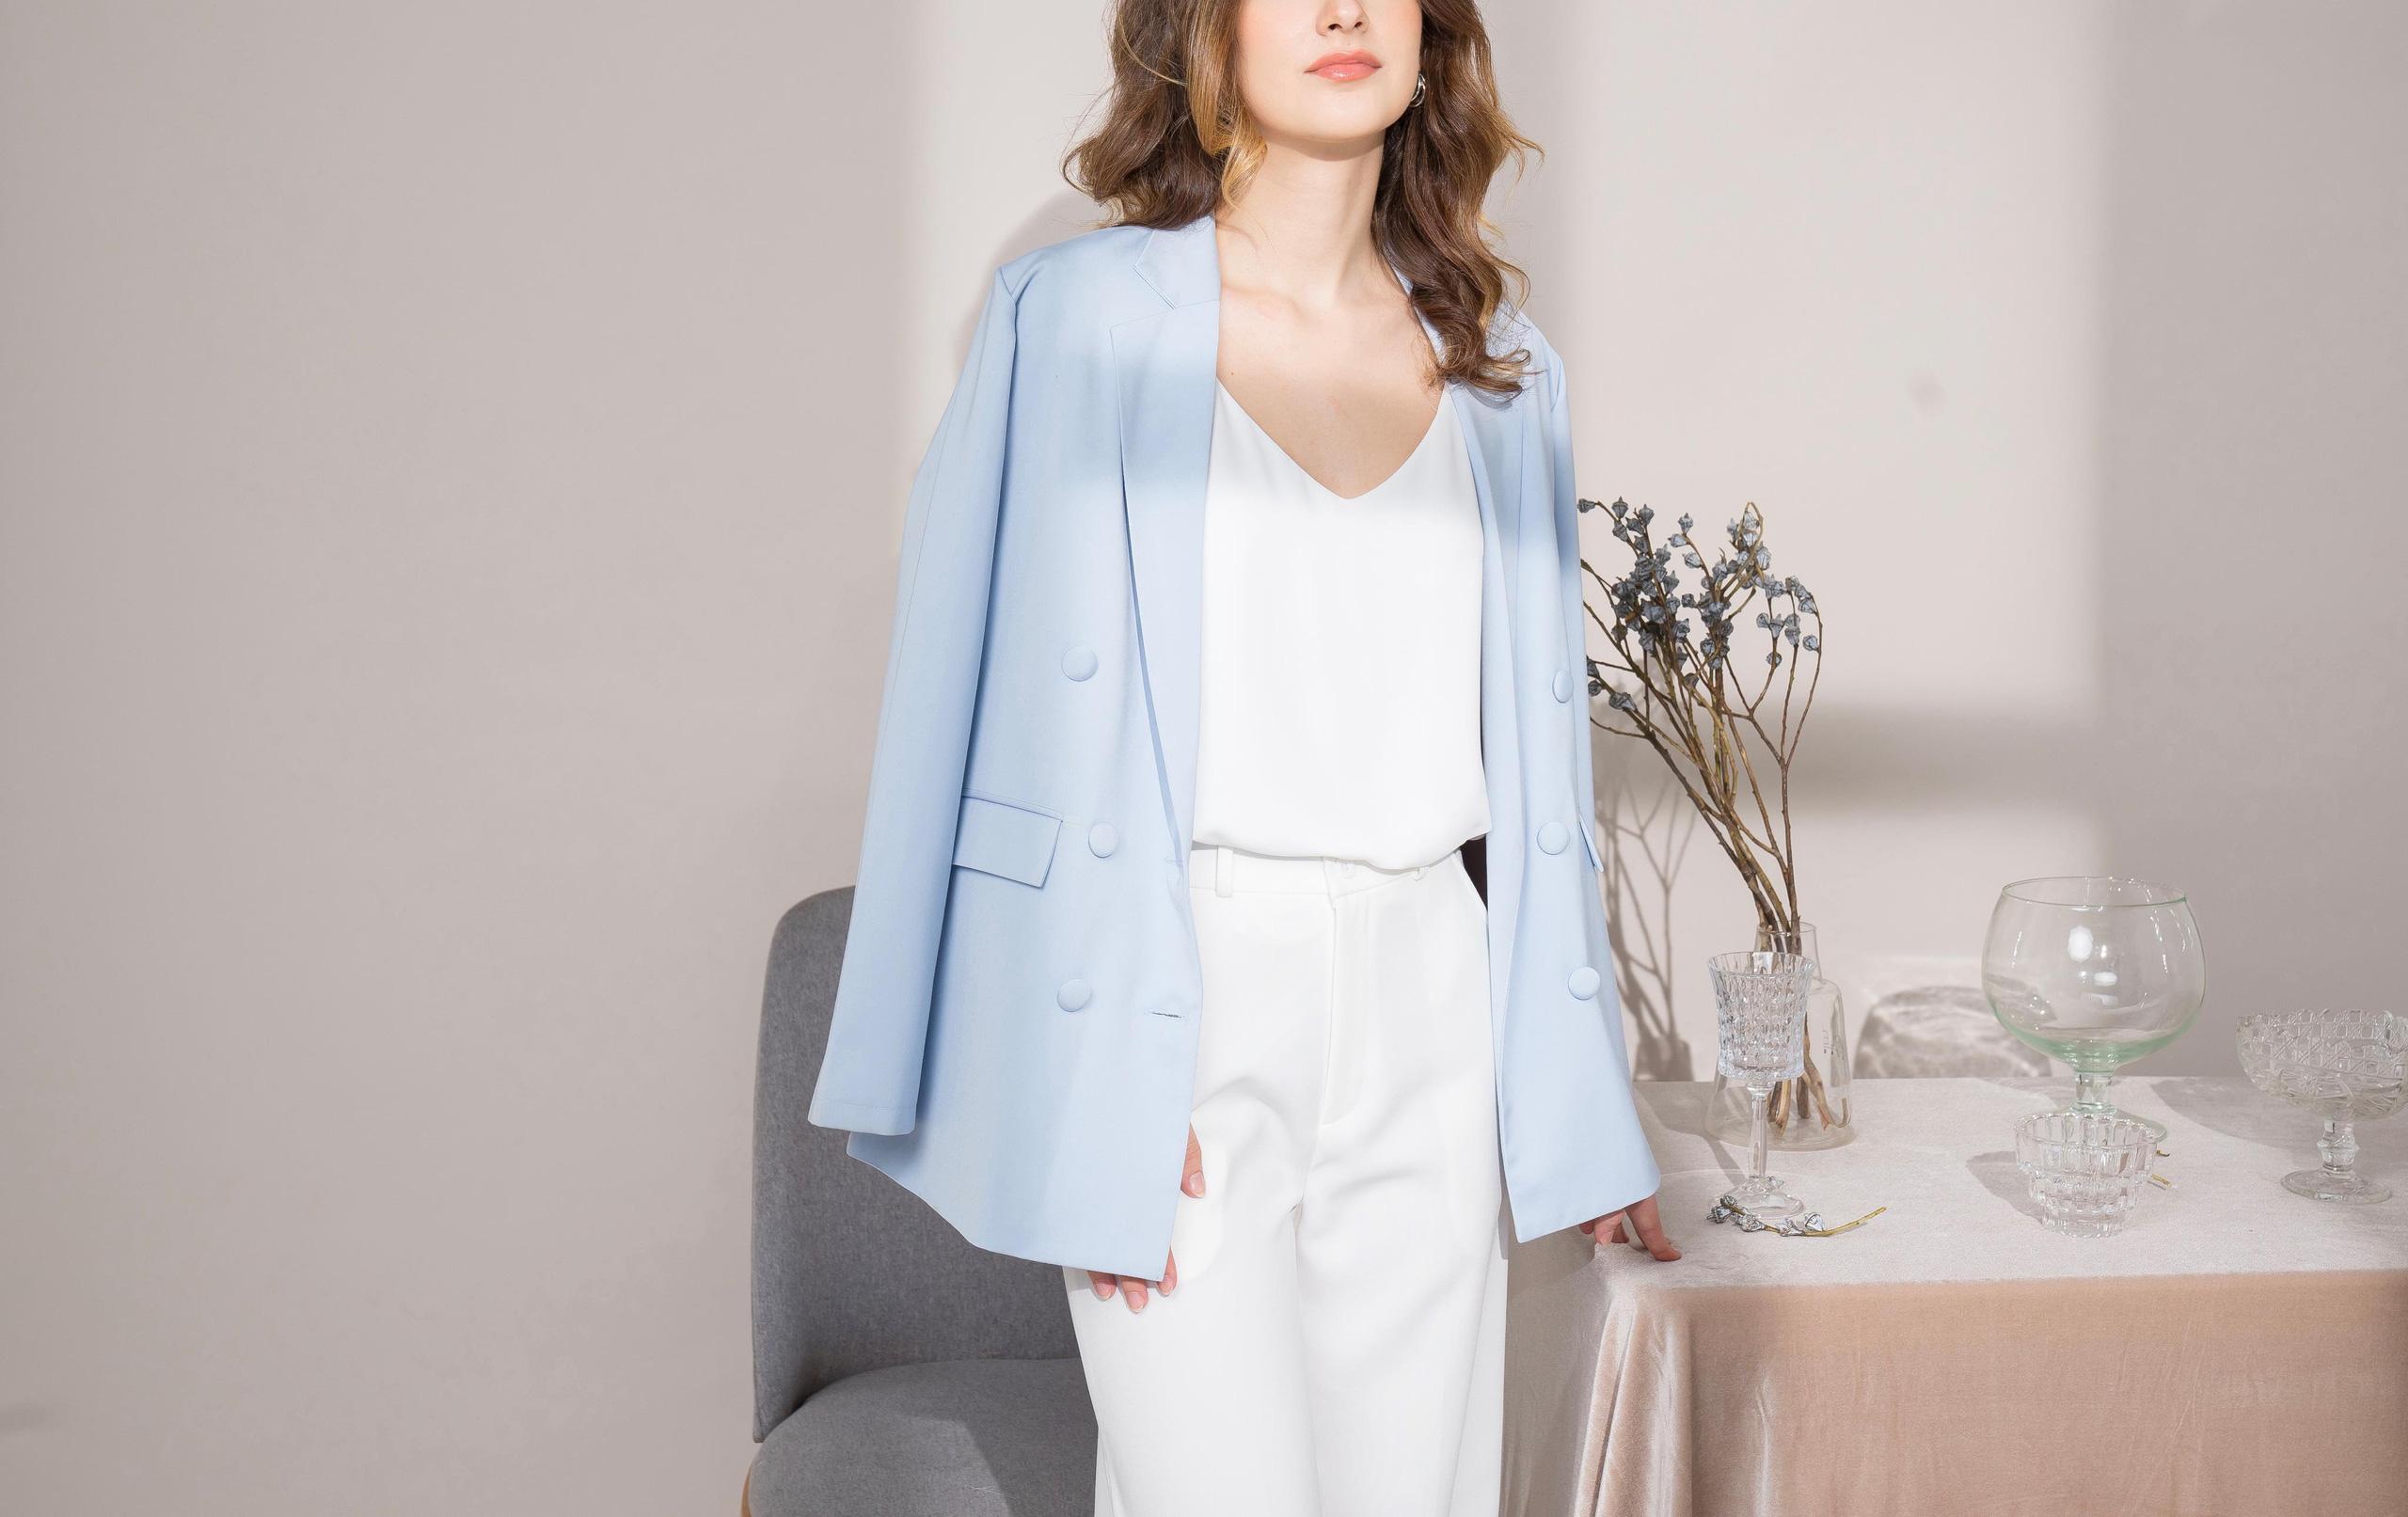 """Công nương Kate diện áo Zara giá gần 2 triệu sang quá nhưng từ 200k bạn đã """"tăm"""" được nhiều kiểu xinh không kém - Ảnh 13."""